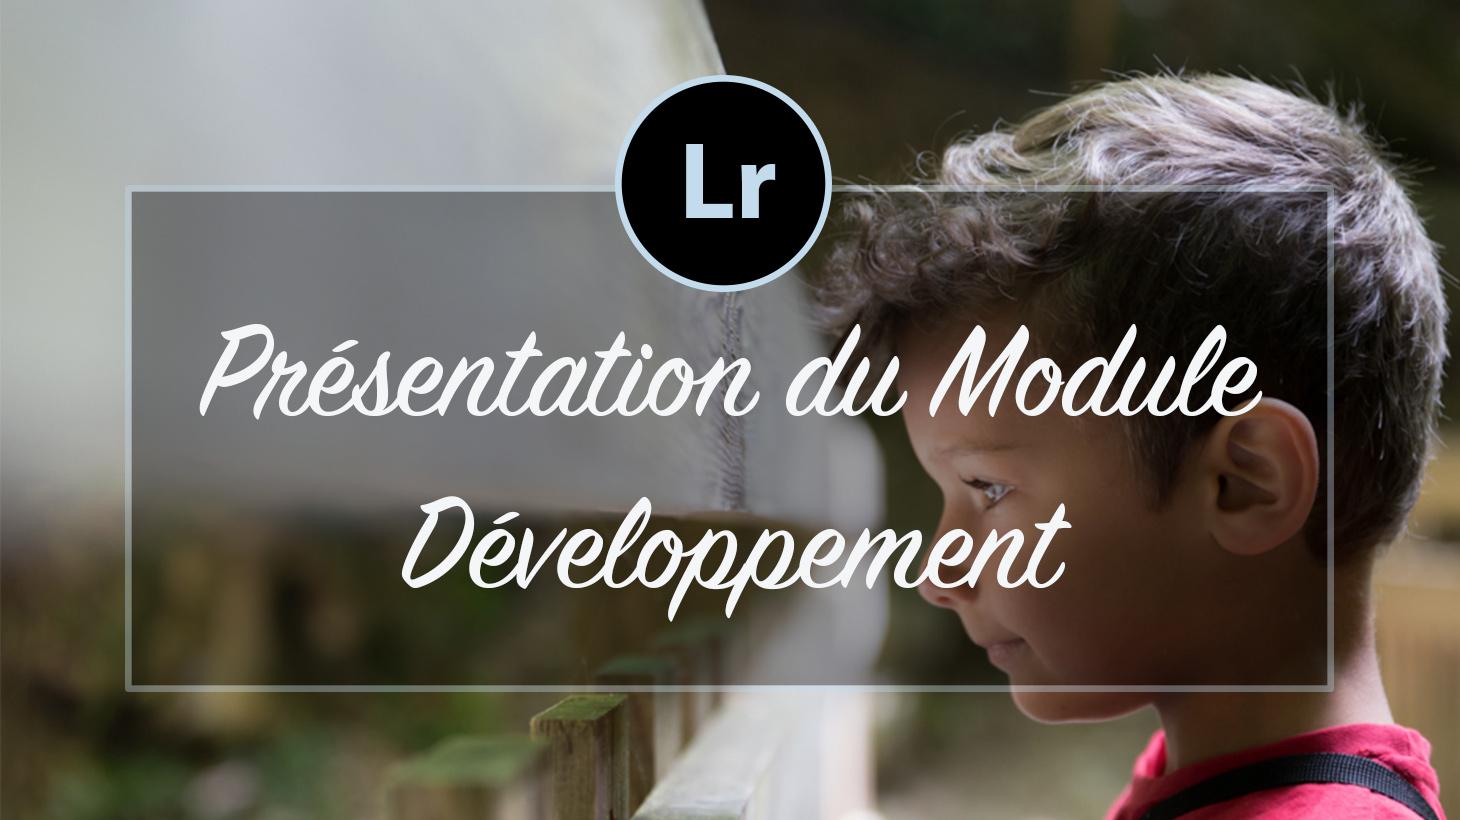 [VIDEO] – Présentation du module Développement Lightroom